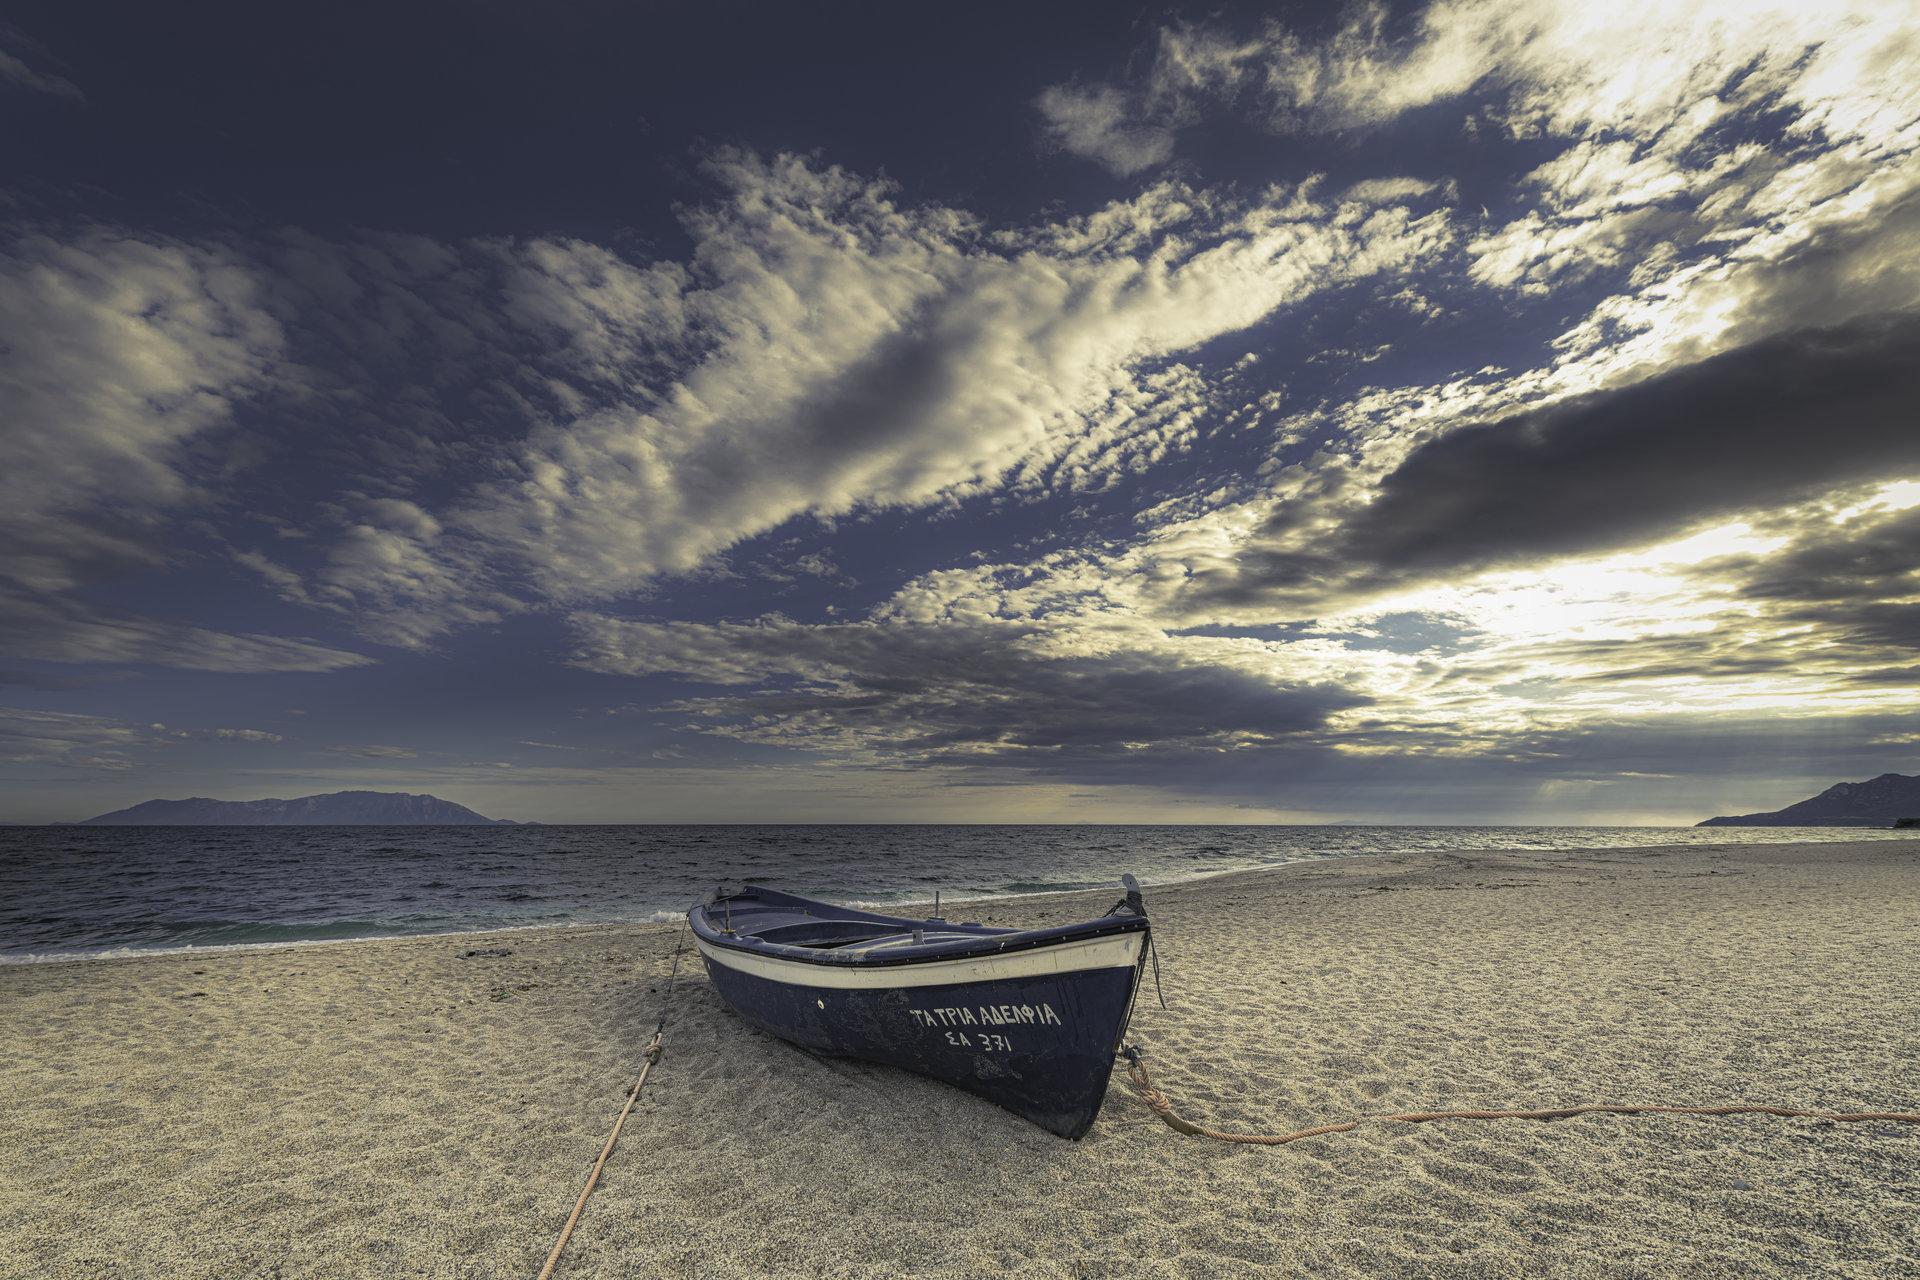 Лодка | Author skiahtro  - skiahtro | PHOTO FORUM